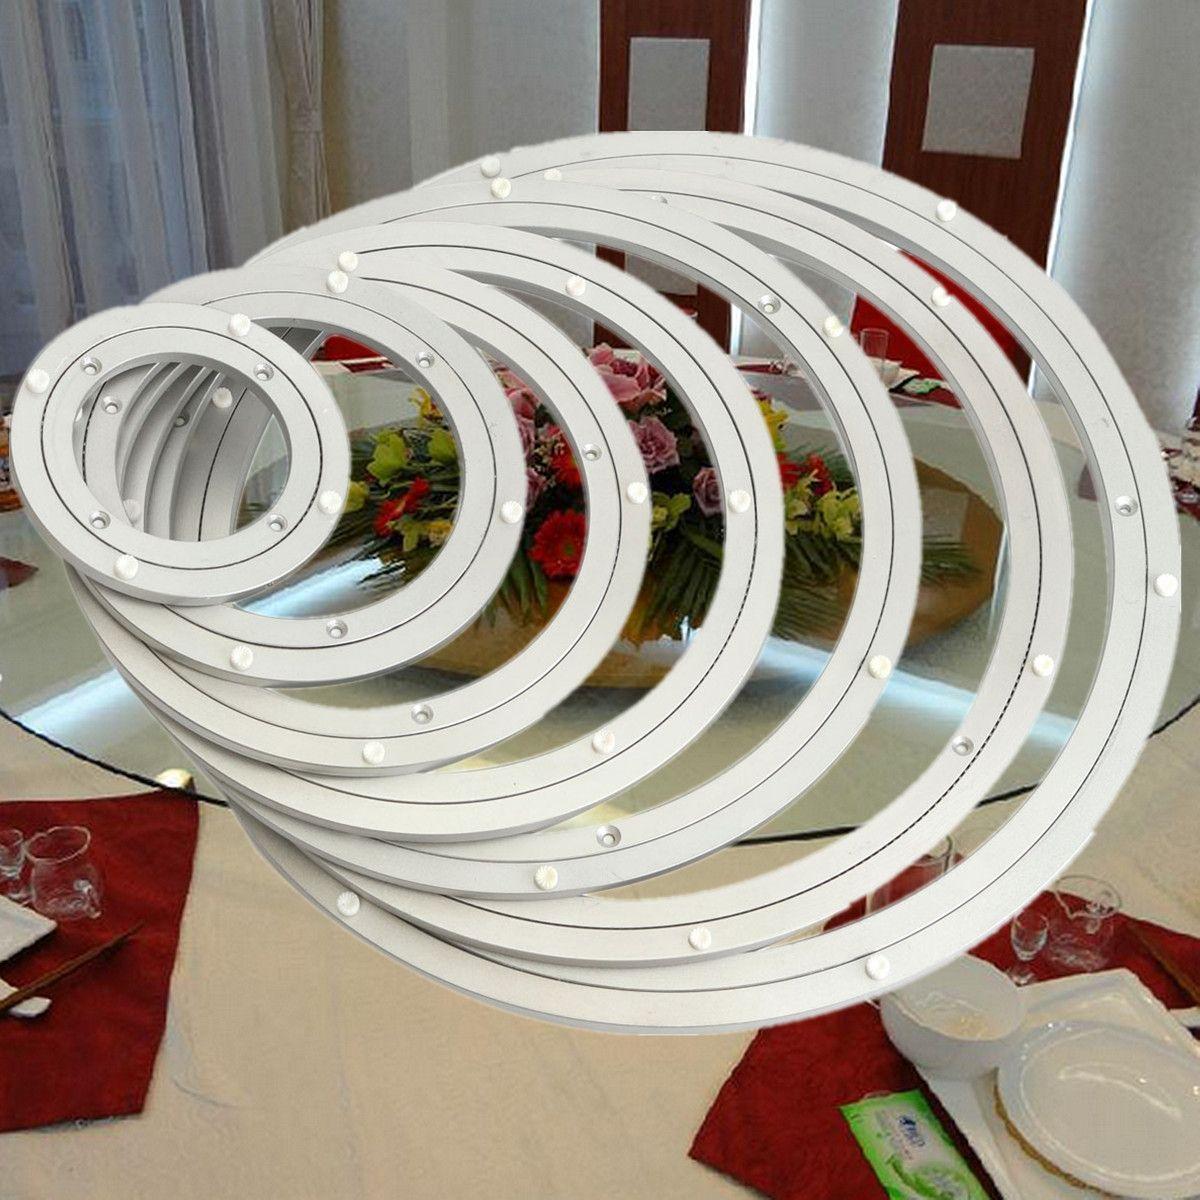 Hardware Rotierenden Lager Plattenspieler Schwere Aluminium Turn Table Runde Schwenker-platte Oberfläche Glatte Einfach Setup Geschraubt Oder Feste Durchblutung Aktivieren Und Sehnen Und Knochen StäRken